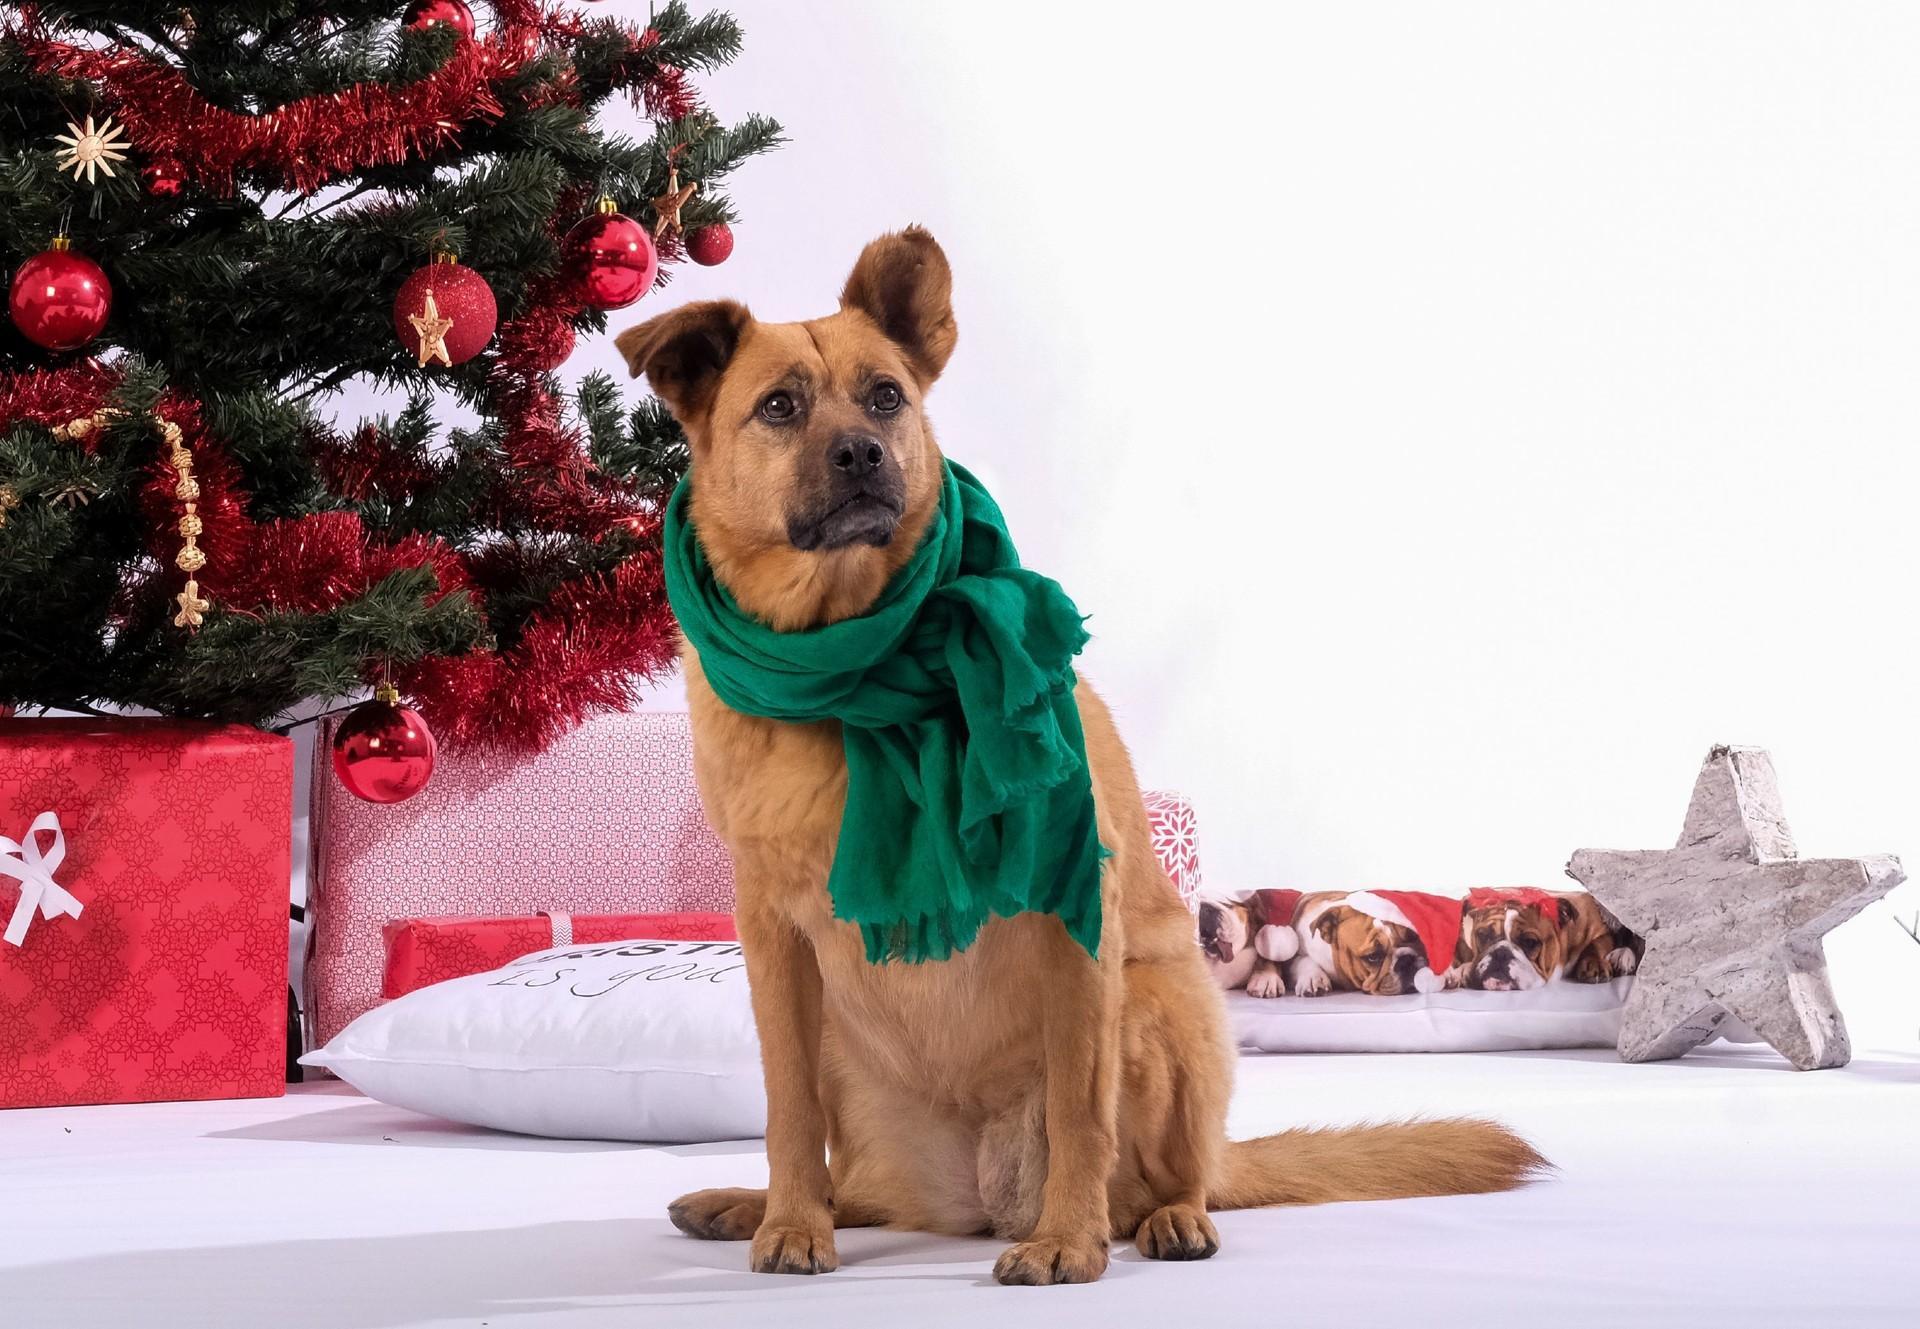 Hunde sind keine Geschenke (c) Bogdan Baraghin | VIER PFOTEN